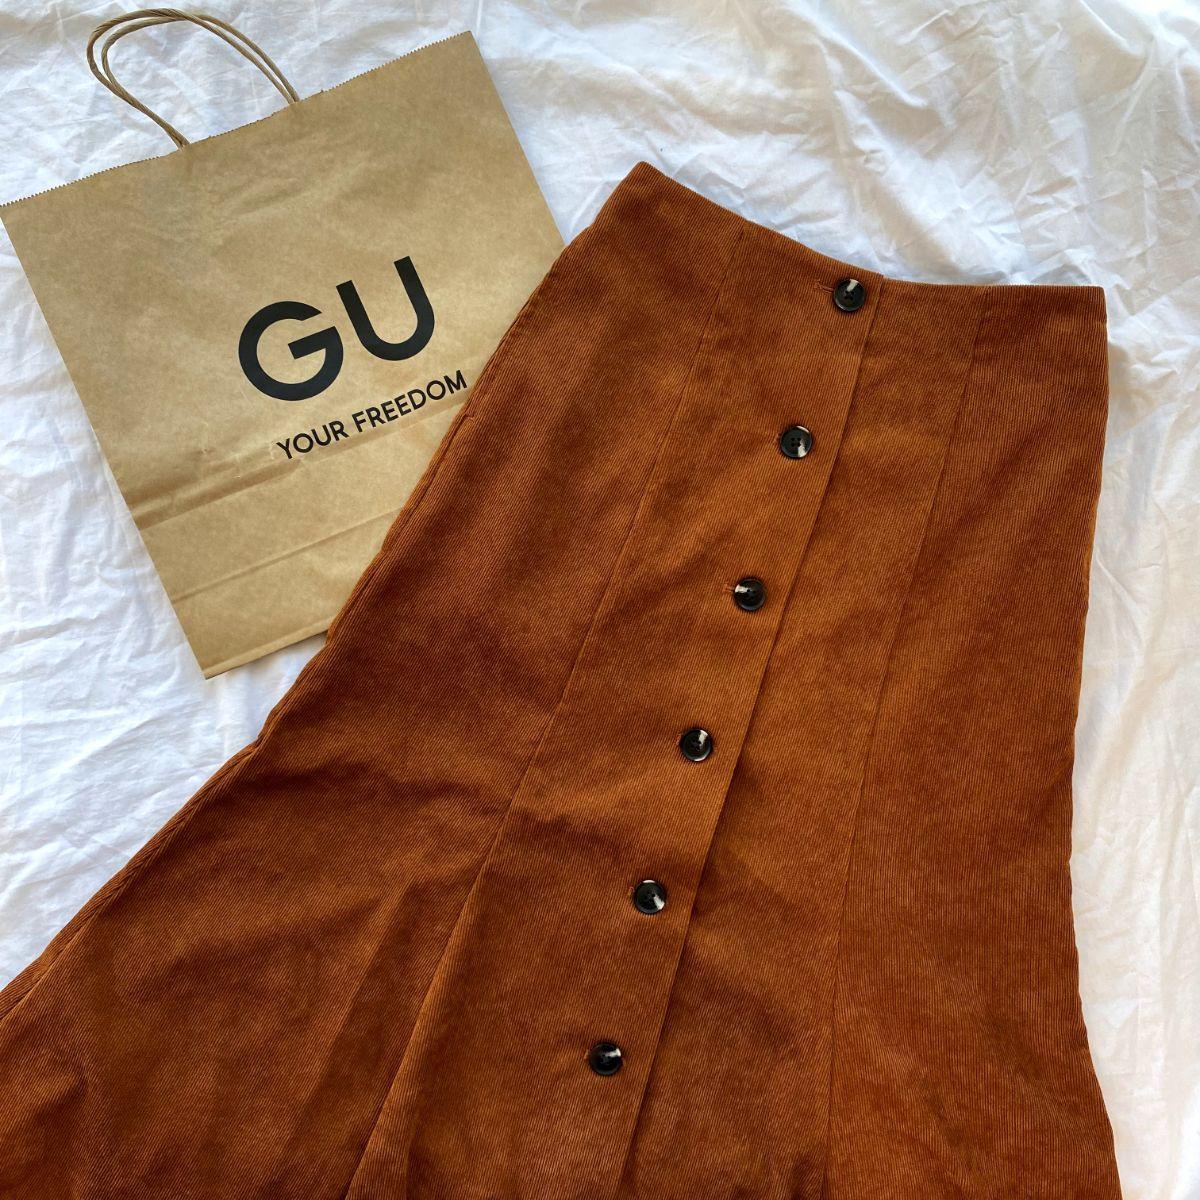 【GUレポ】上品なシルエットが大人っぽい。「ライトコーデュロイマーメイドスカート」で秋らしさを取り入れて